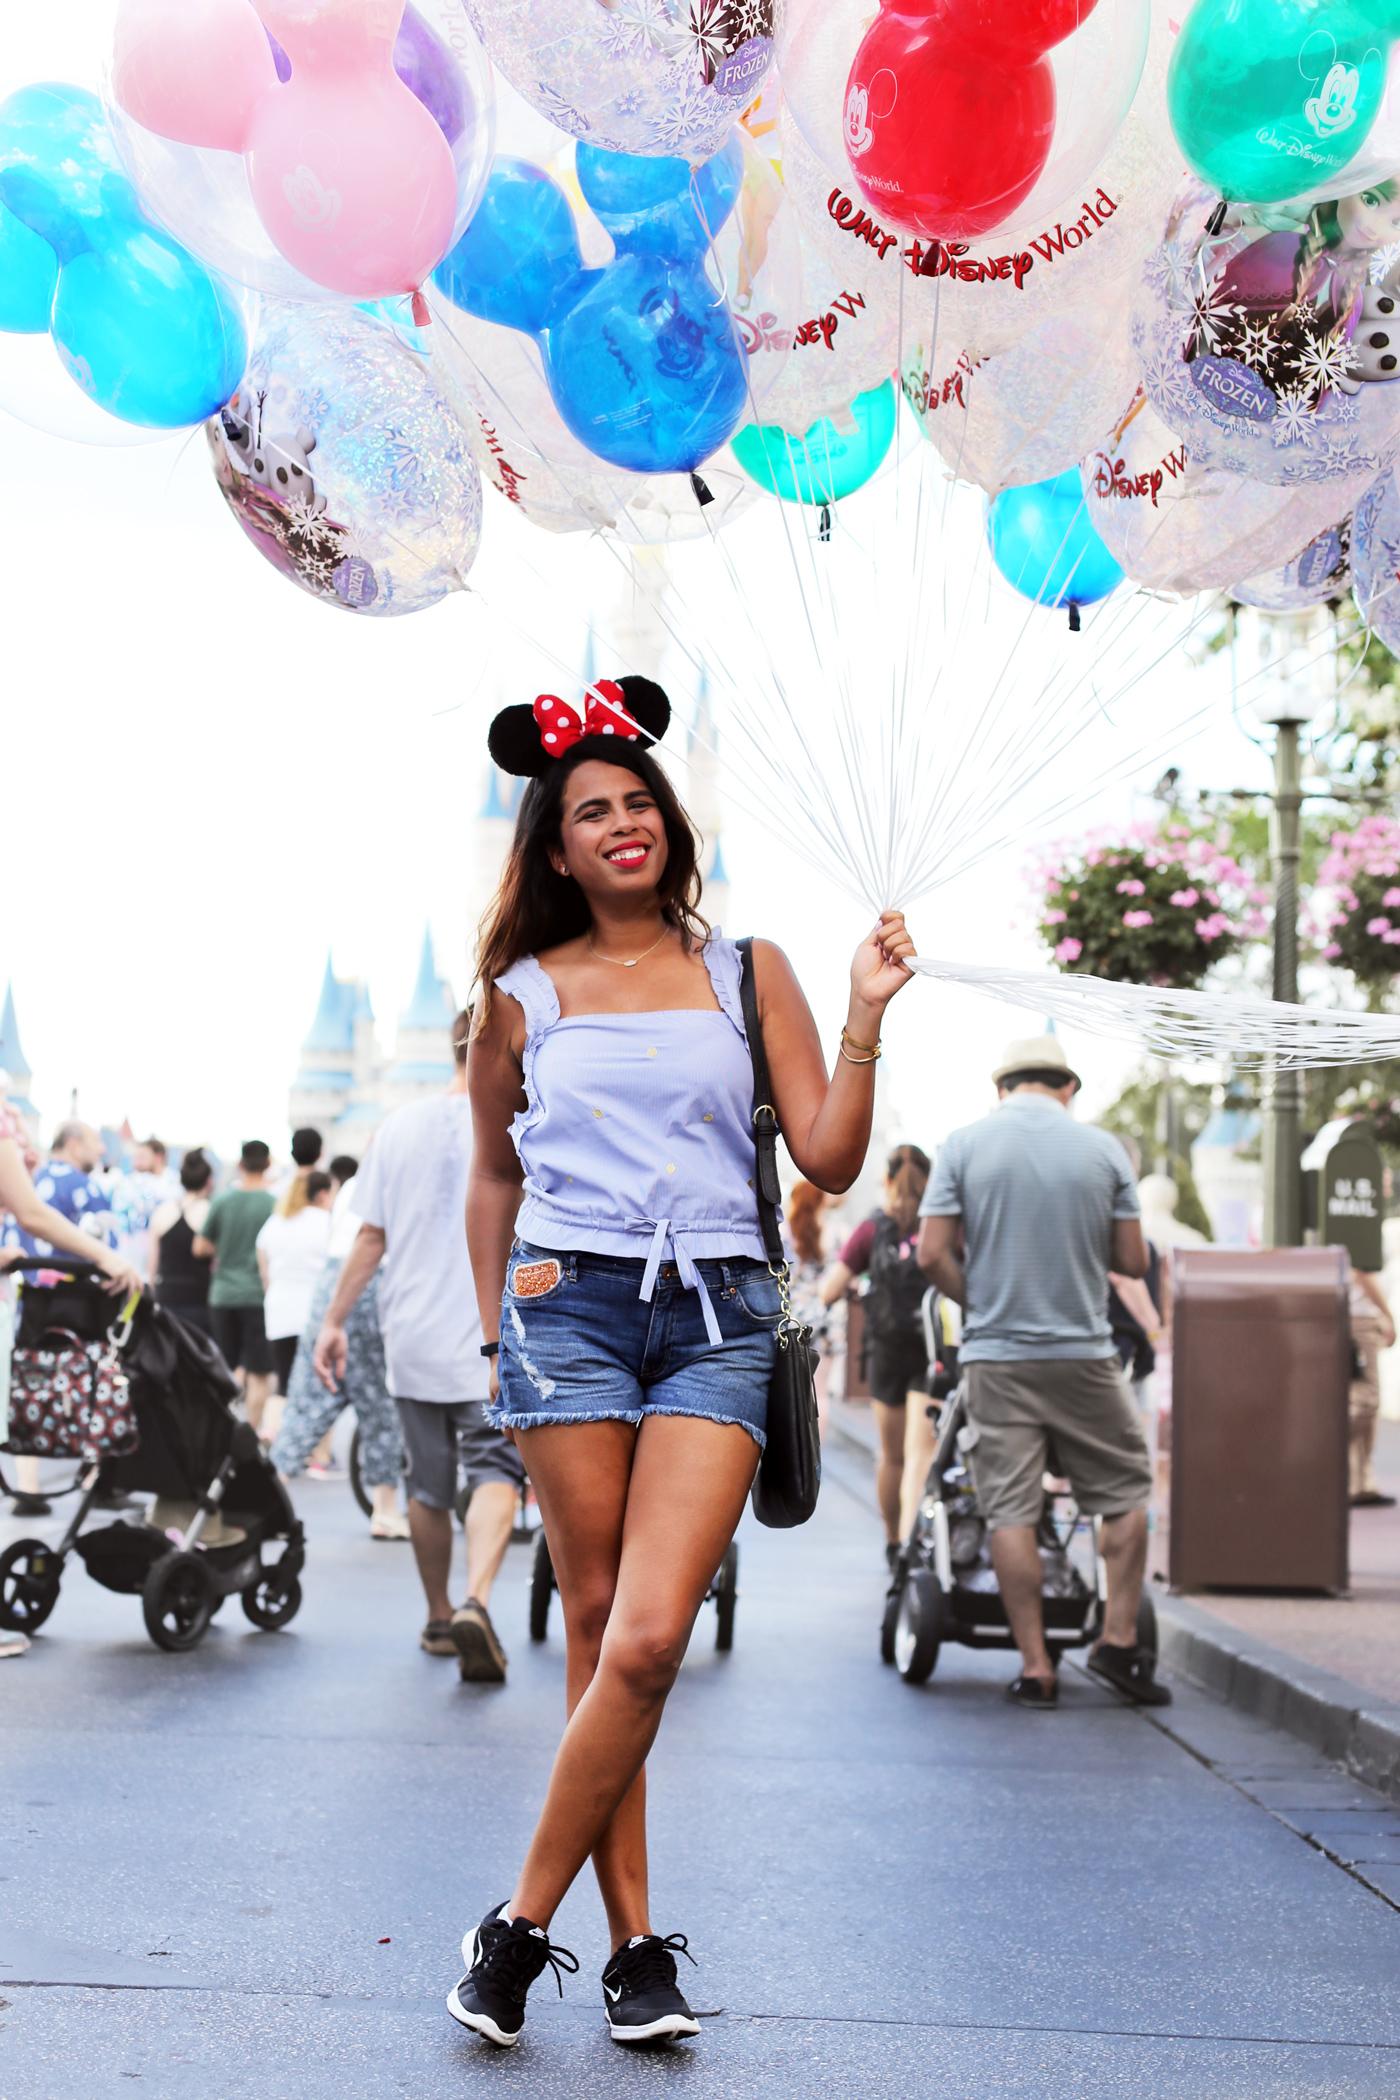 TAOS-Gissi-Disney-Balloons-HM